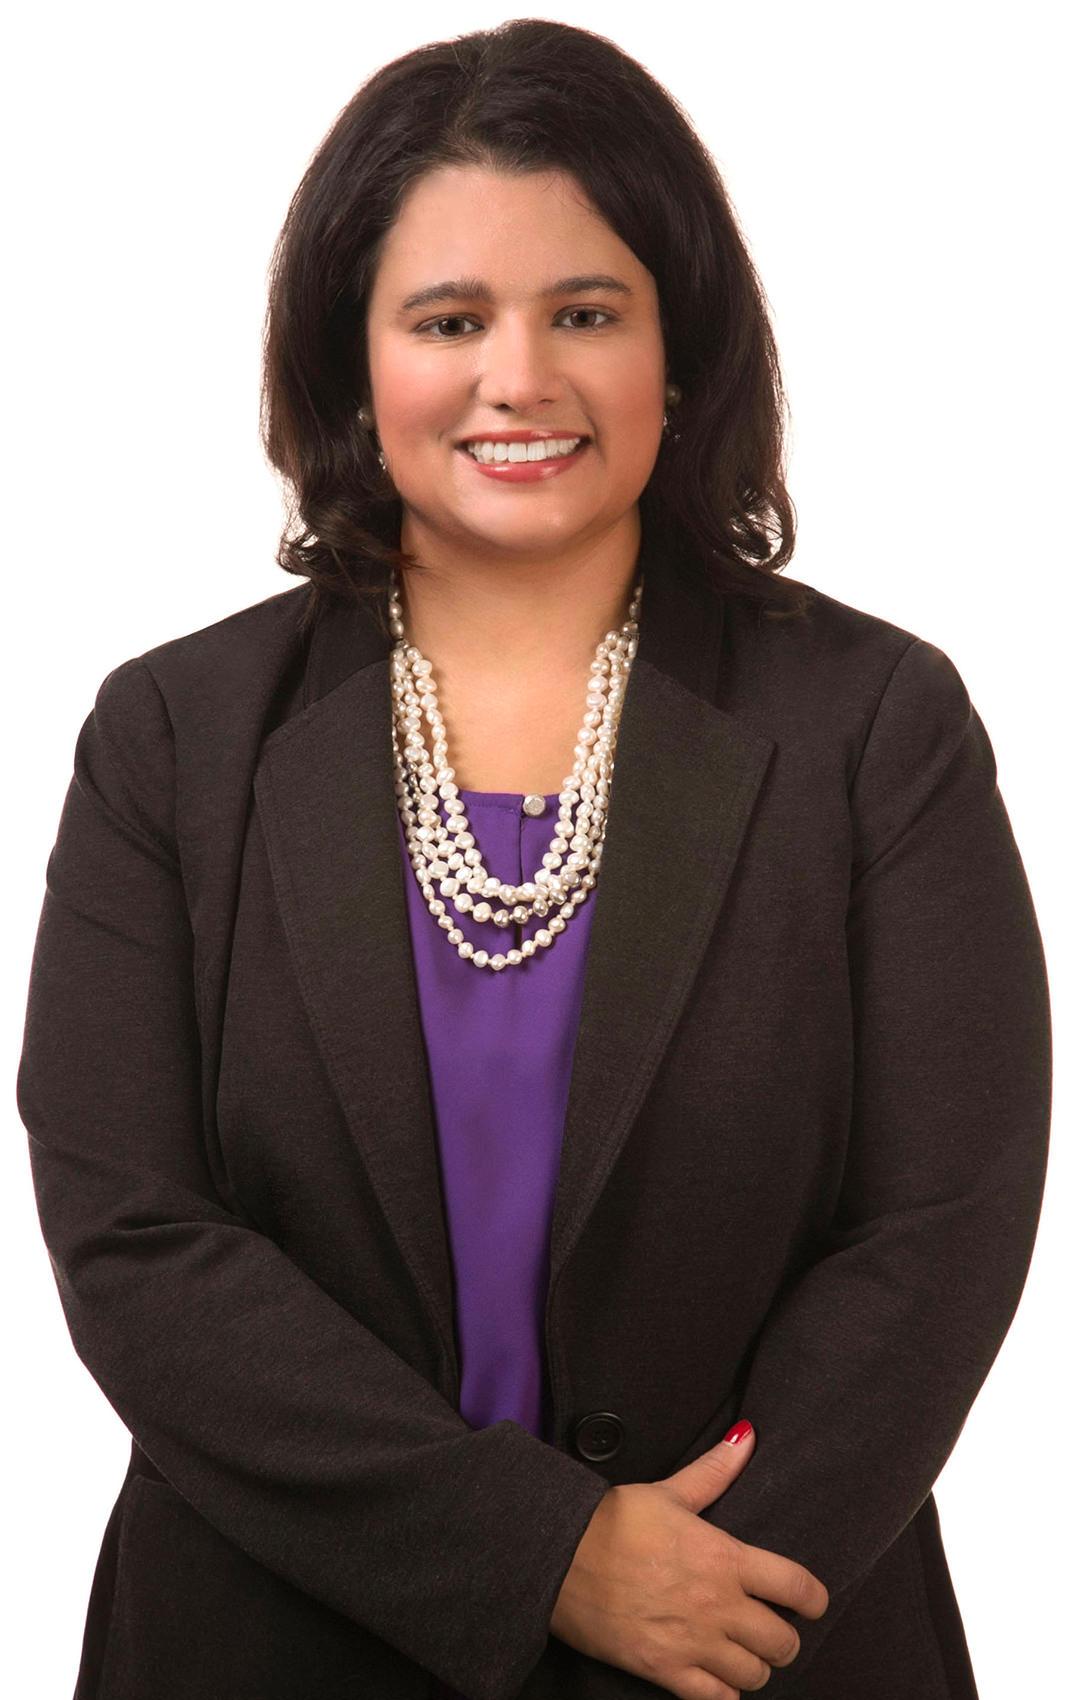 Nina M. Kumar